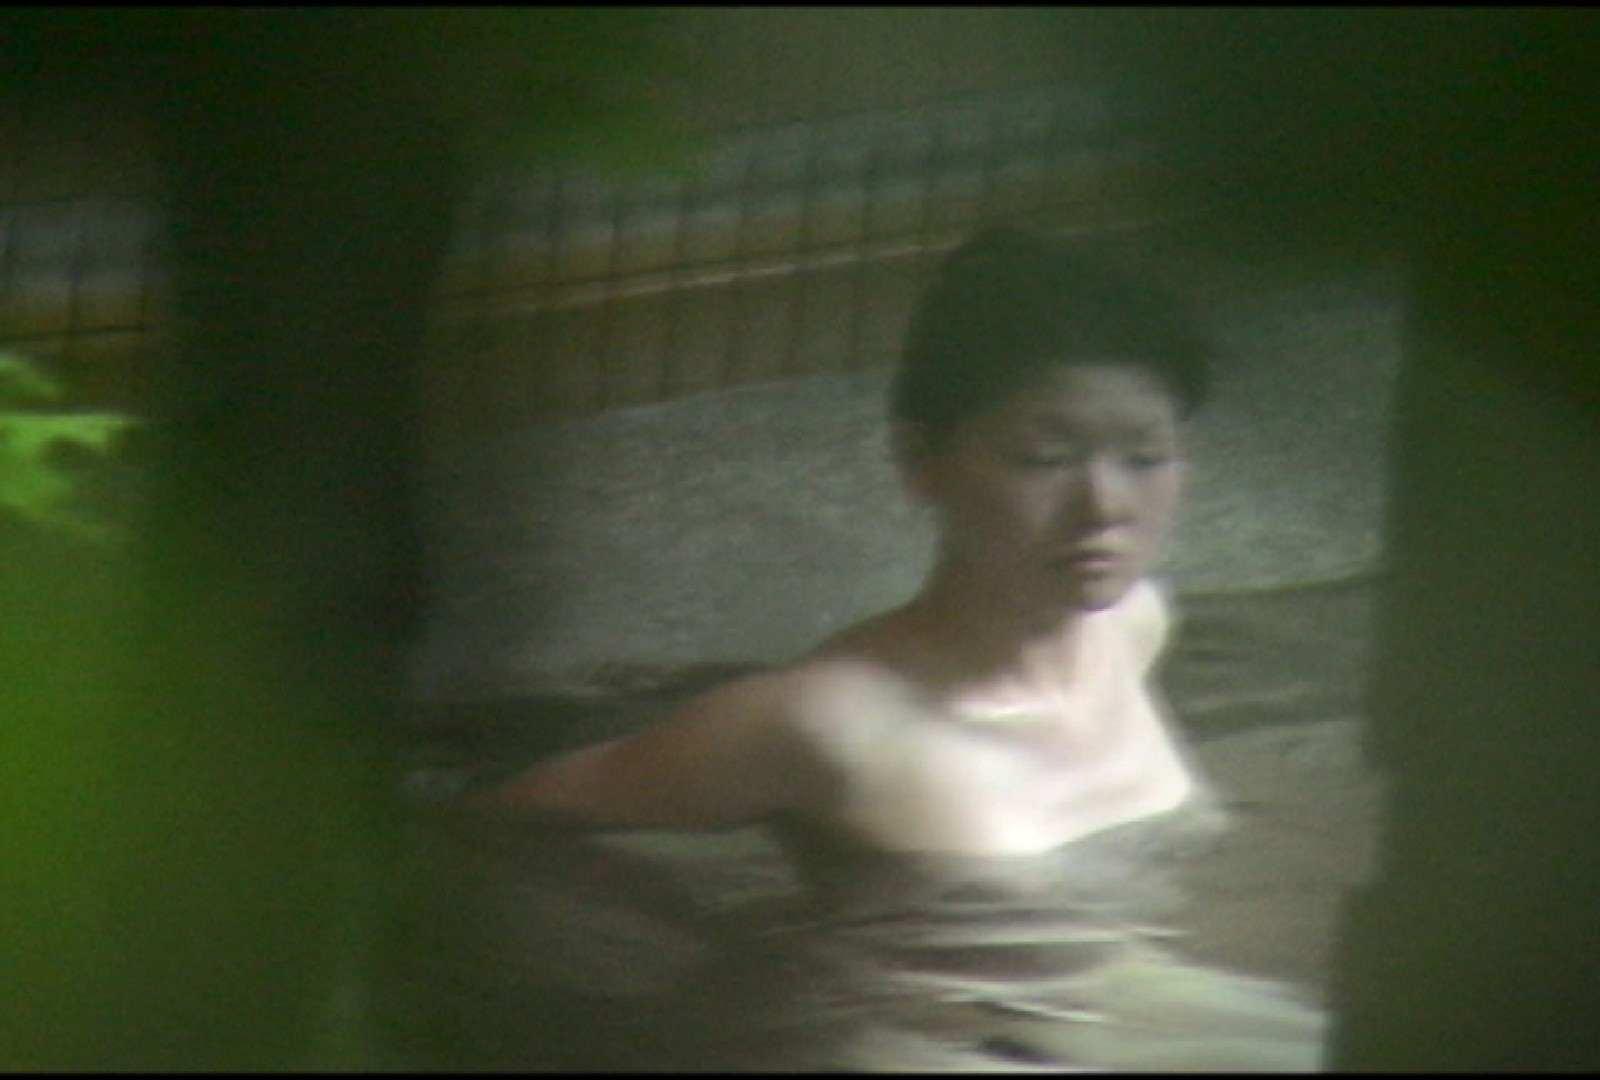 Aquaな露天風呂Vol.699 盗撮シリーズ  93PIX 26